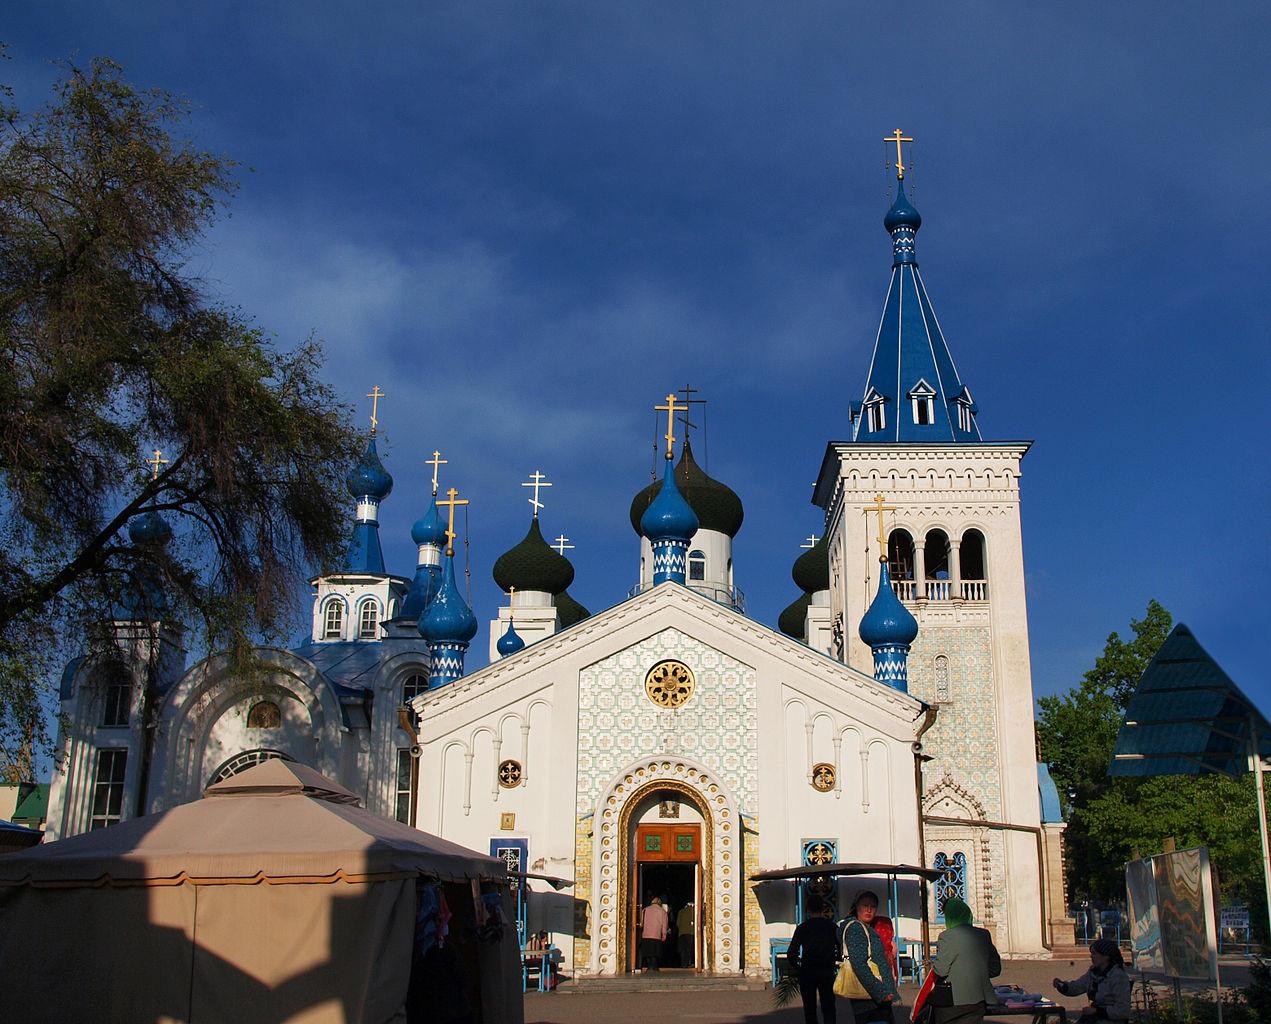 Воскресенски събор в Бишкек, Киргизска ССР (сега държава Киргизия), построена през 1944-47 г.